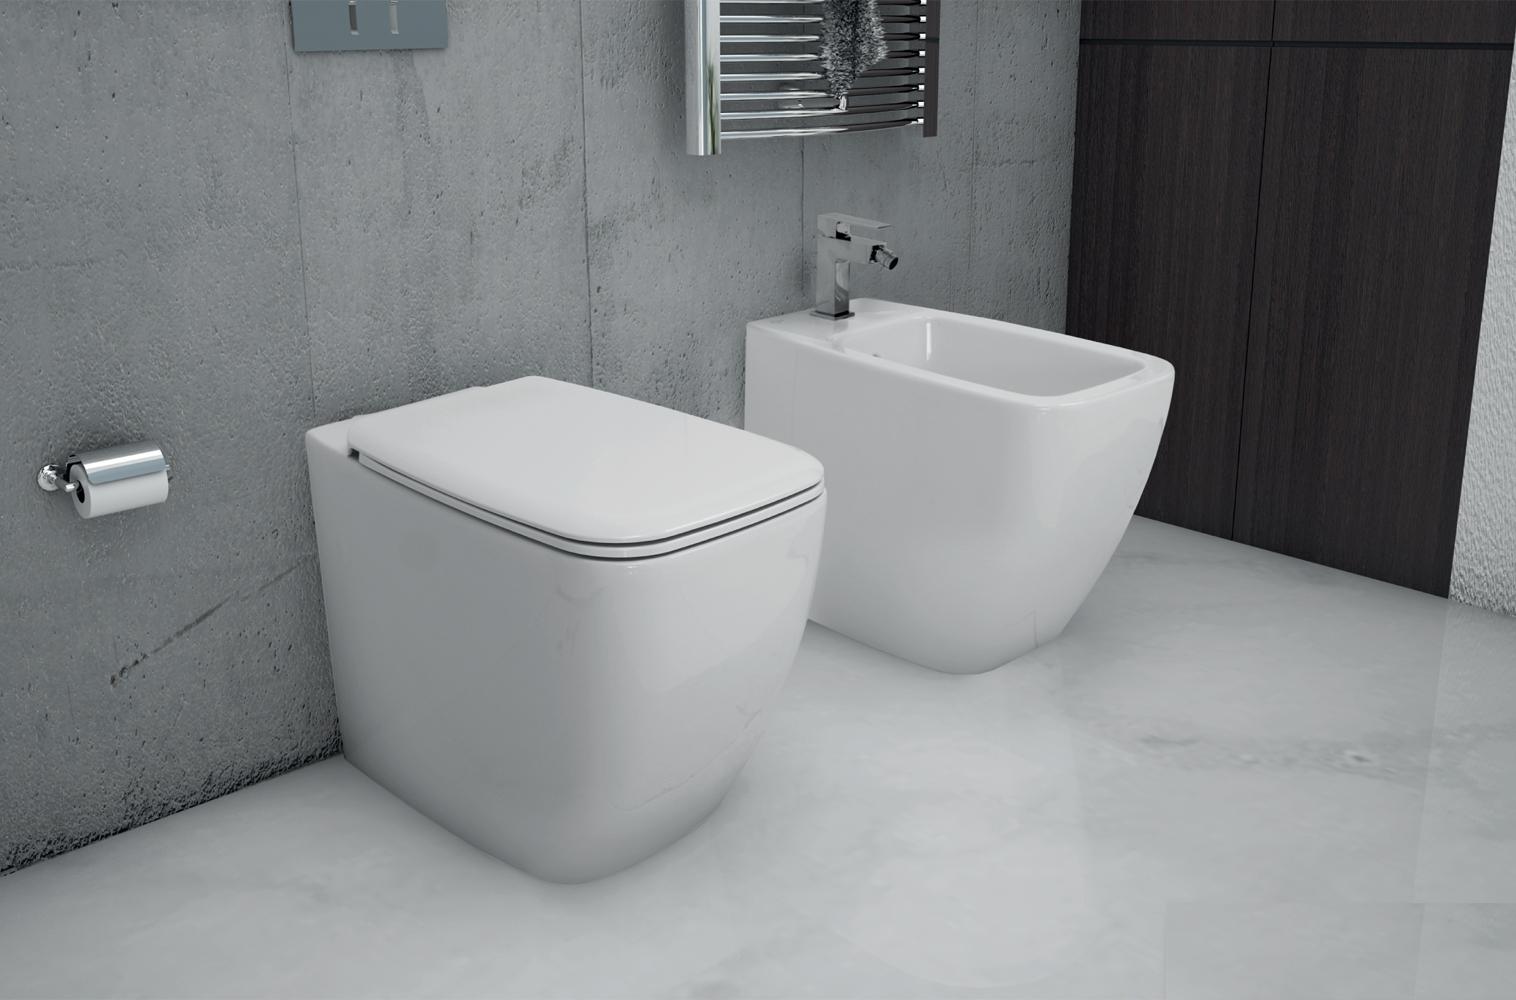 Sanitari Filo Muro Ideal Standard.Sanitari A Terra Filo Muro Serie 21 Ideal Standard Vaso Wc Bidet